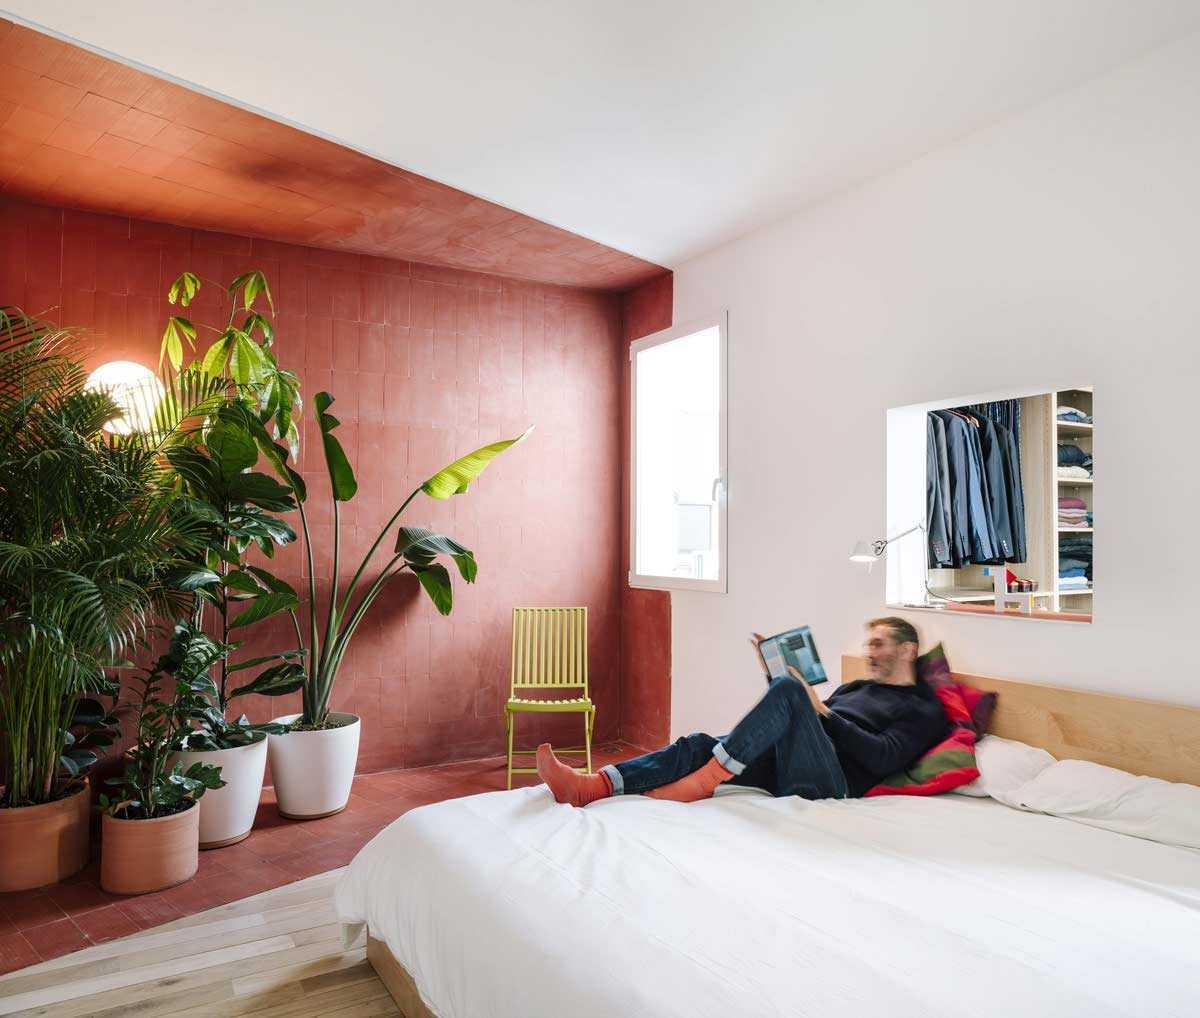 Perbedaan warna kontras secara efektif menciptakan ilusi pemisah ruang // home-designing.com